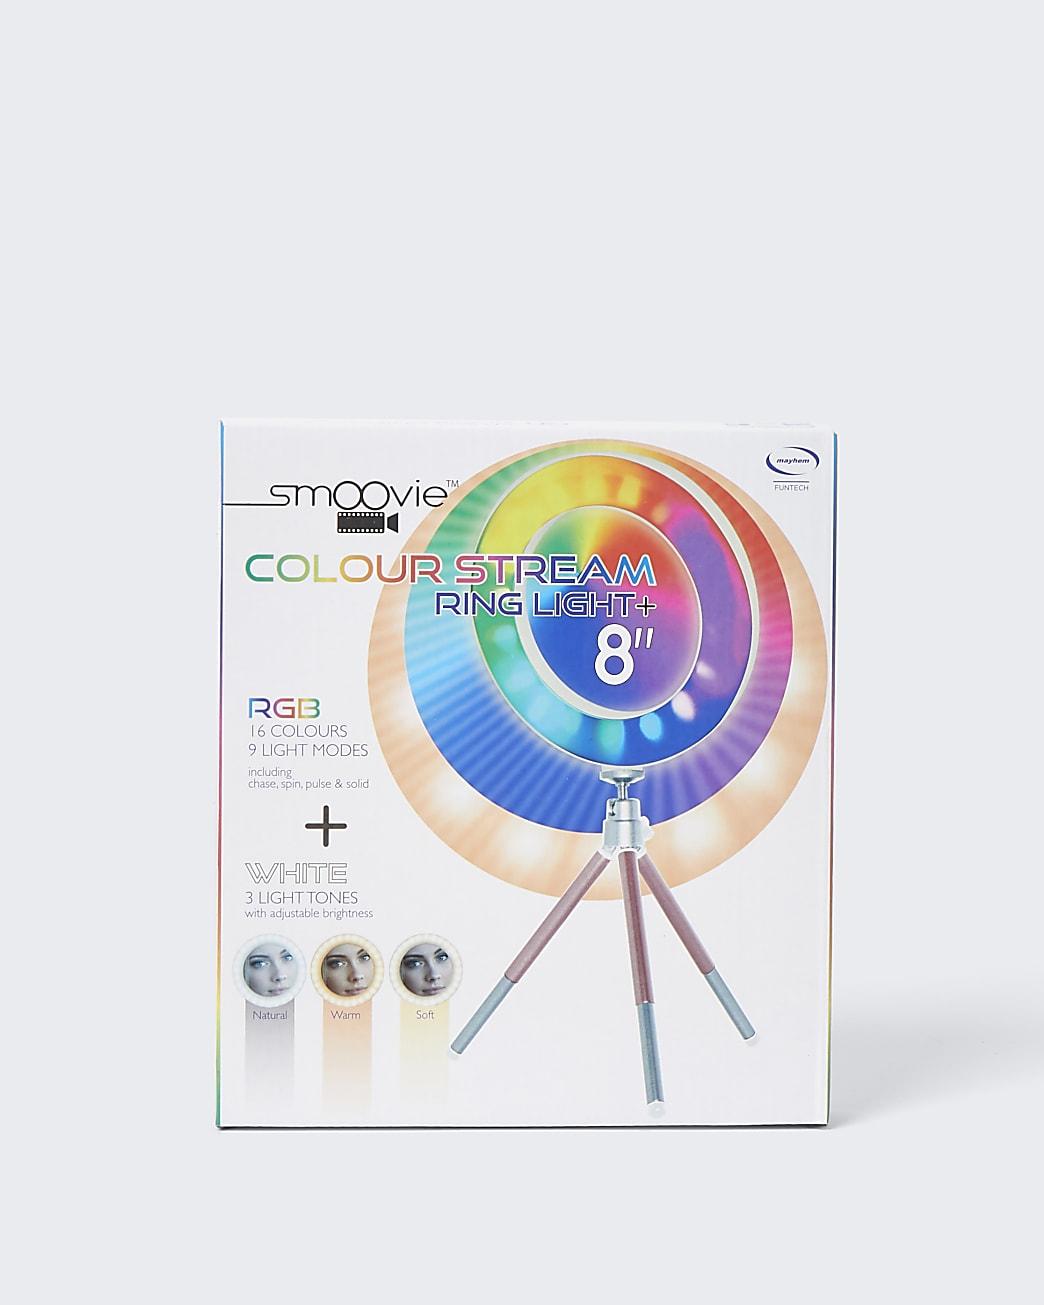 LED Ring Light 8 inch